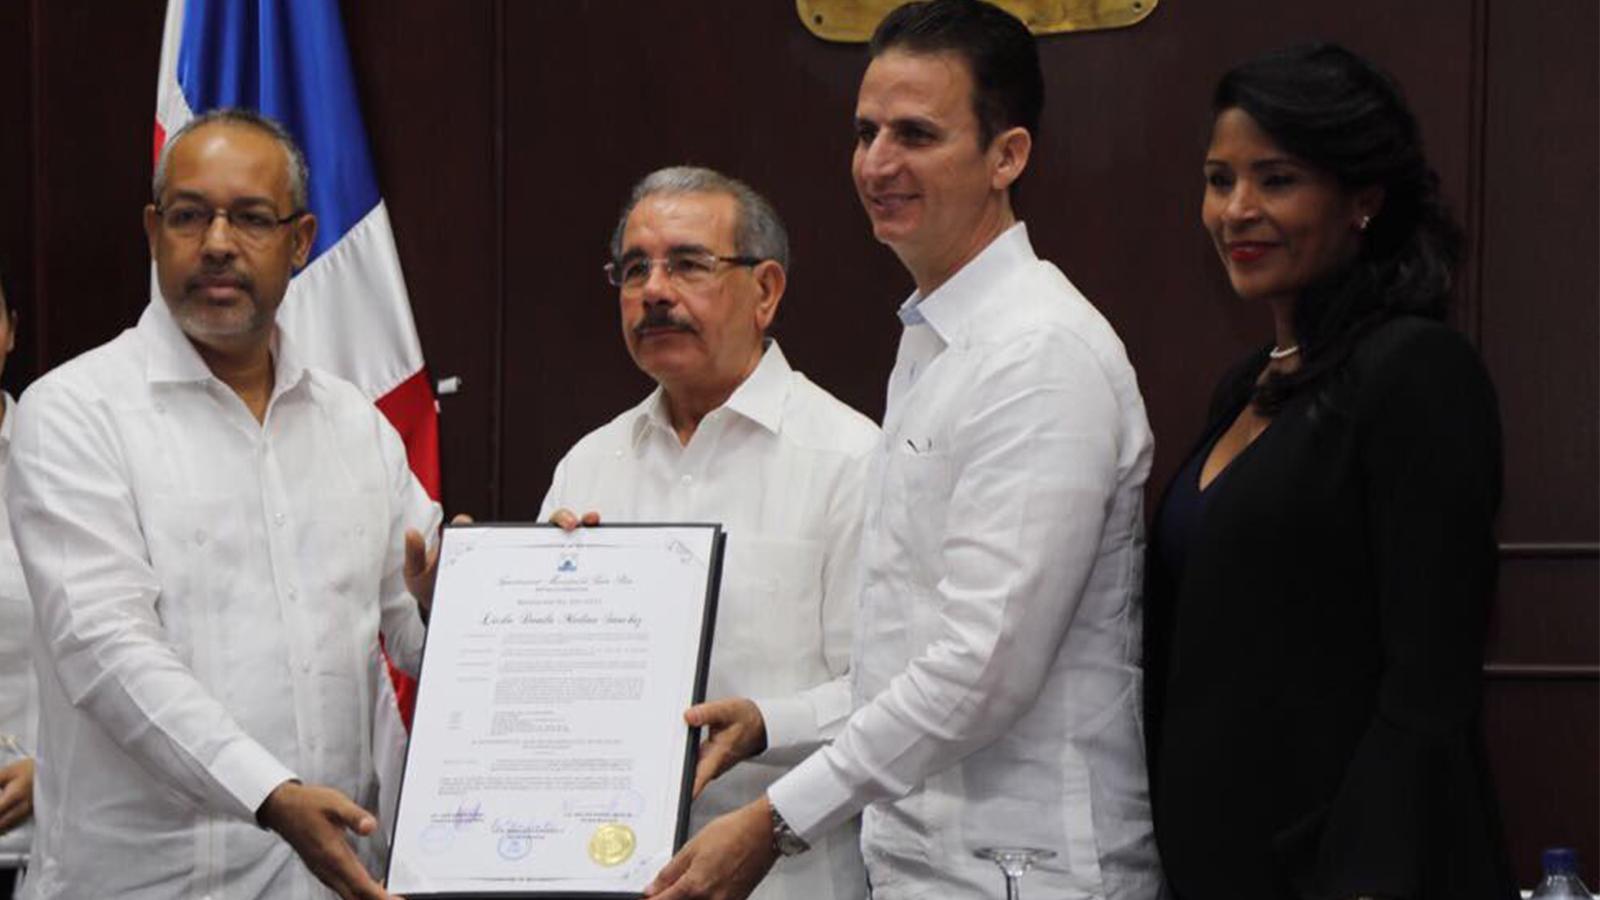 Presidente Medina afirma Punta Catalina entrará en funcionamiento en el 2018